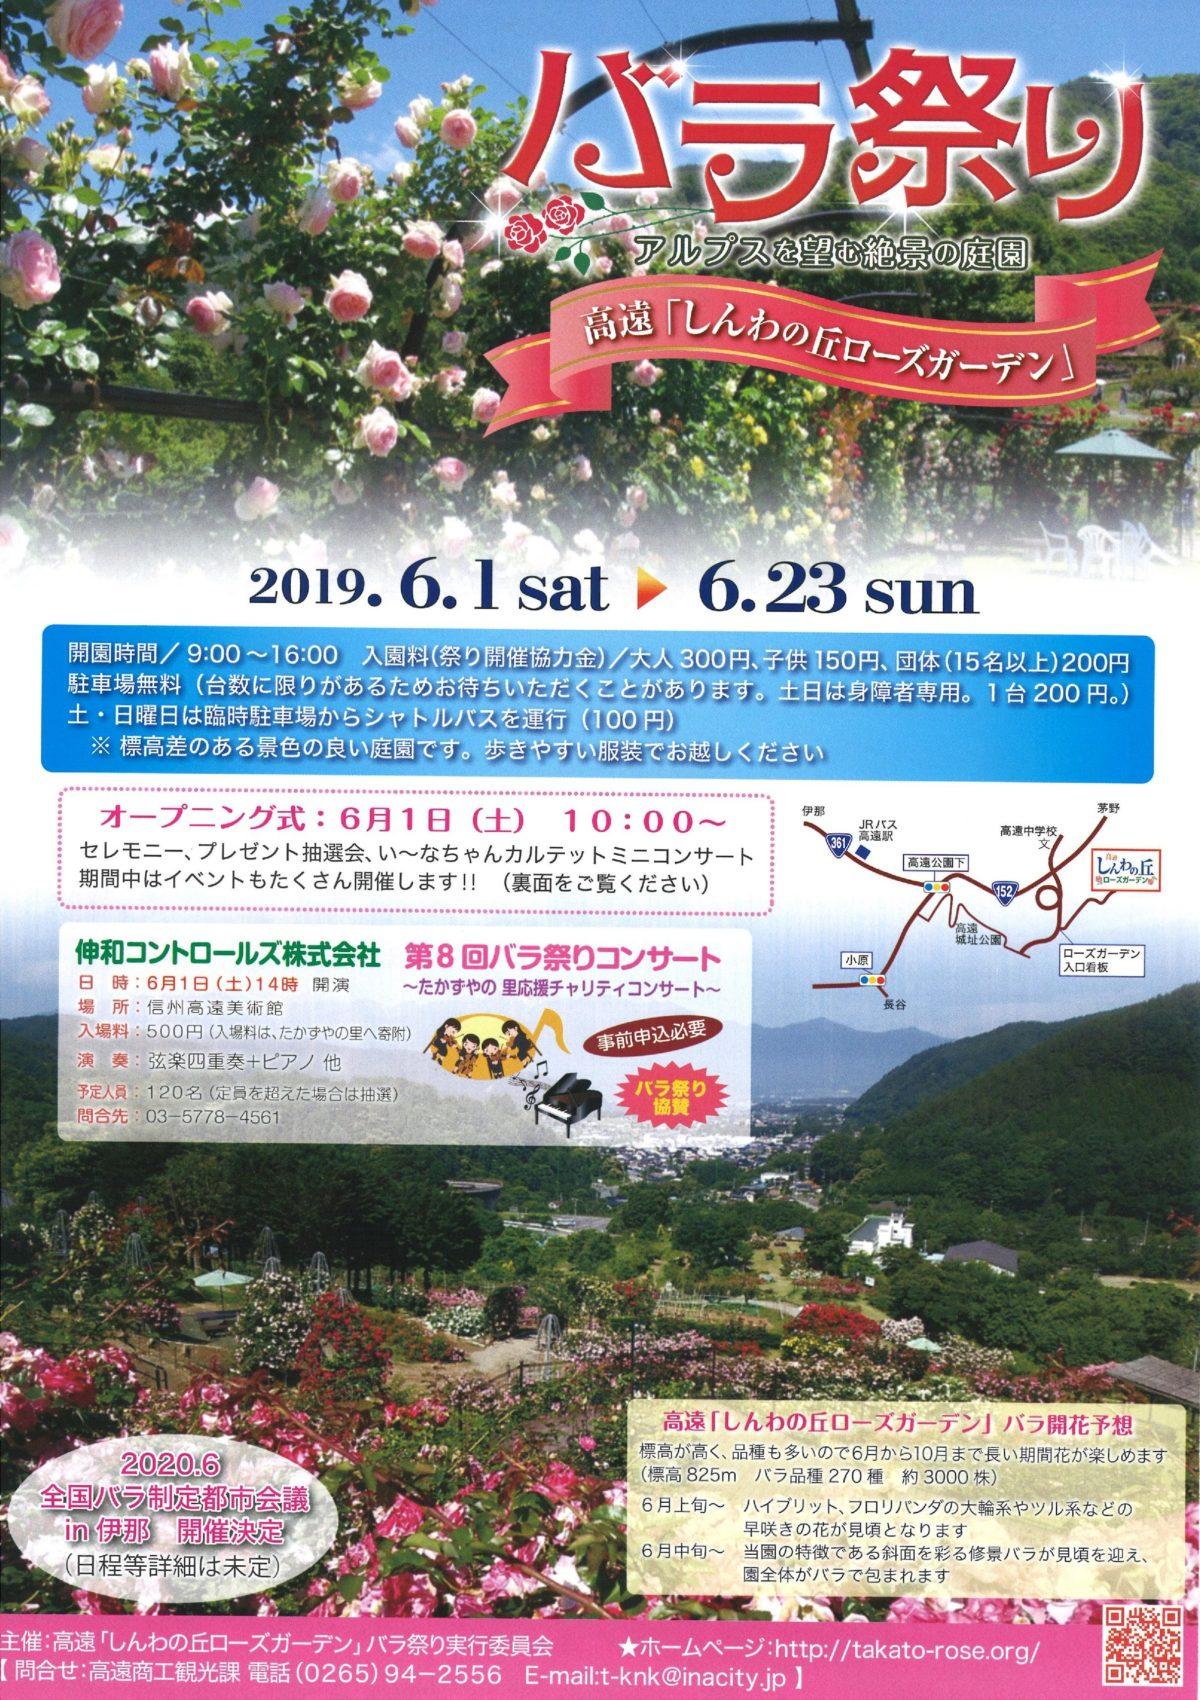 高遠しんわの丘ローズガーデン【バラ祭り開幕】